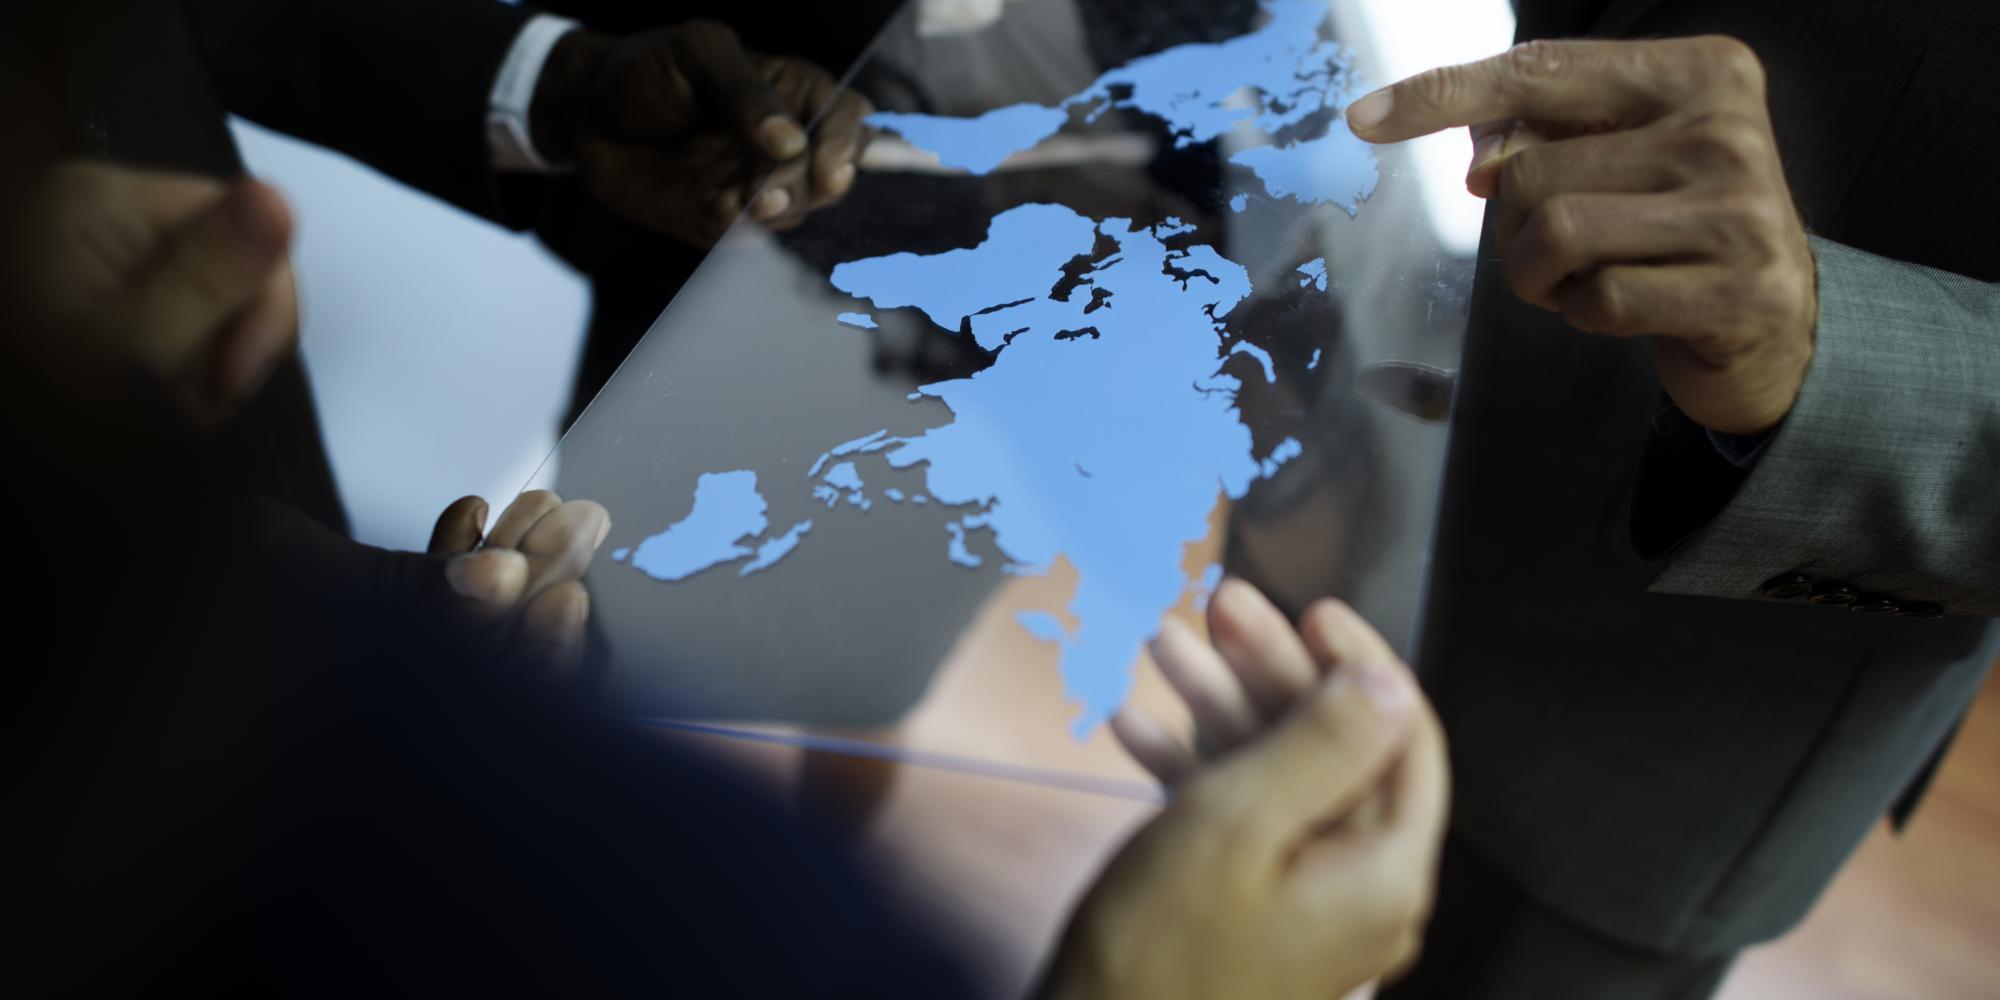 Ряд стран сдали на хранение документы о ратификации Многосторонней конвенции